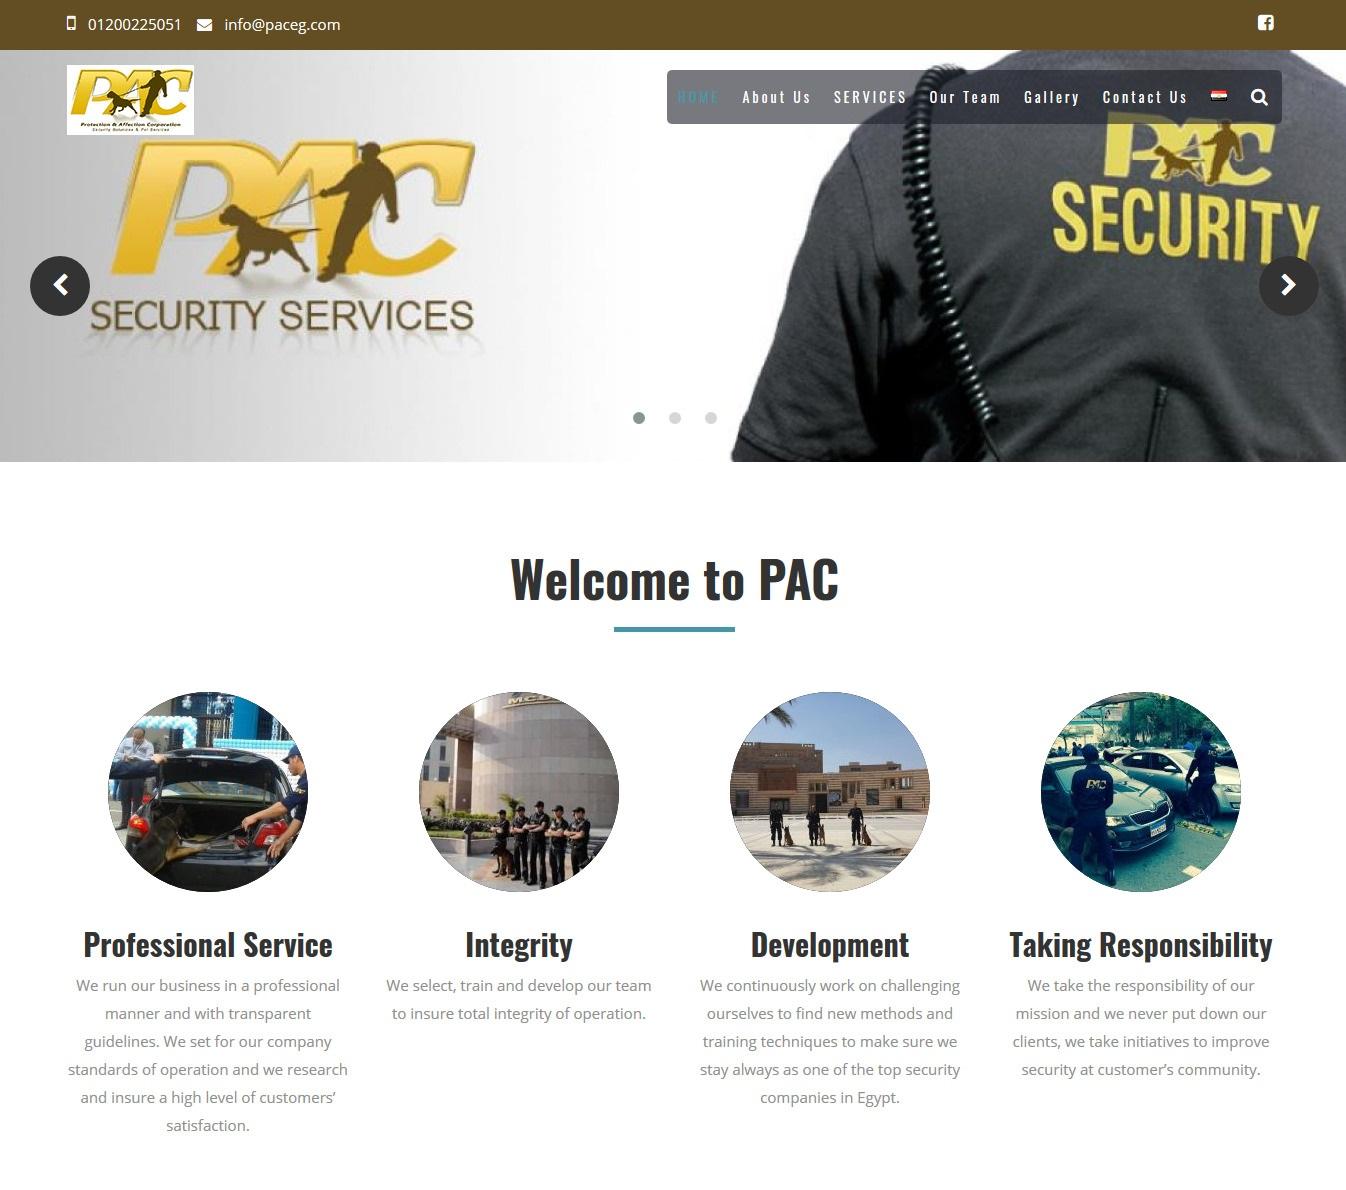 PAC Pet services